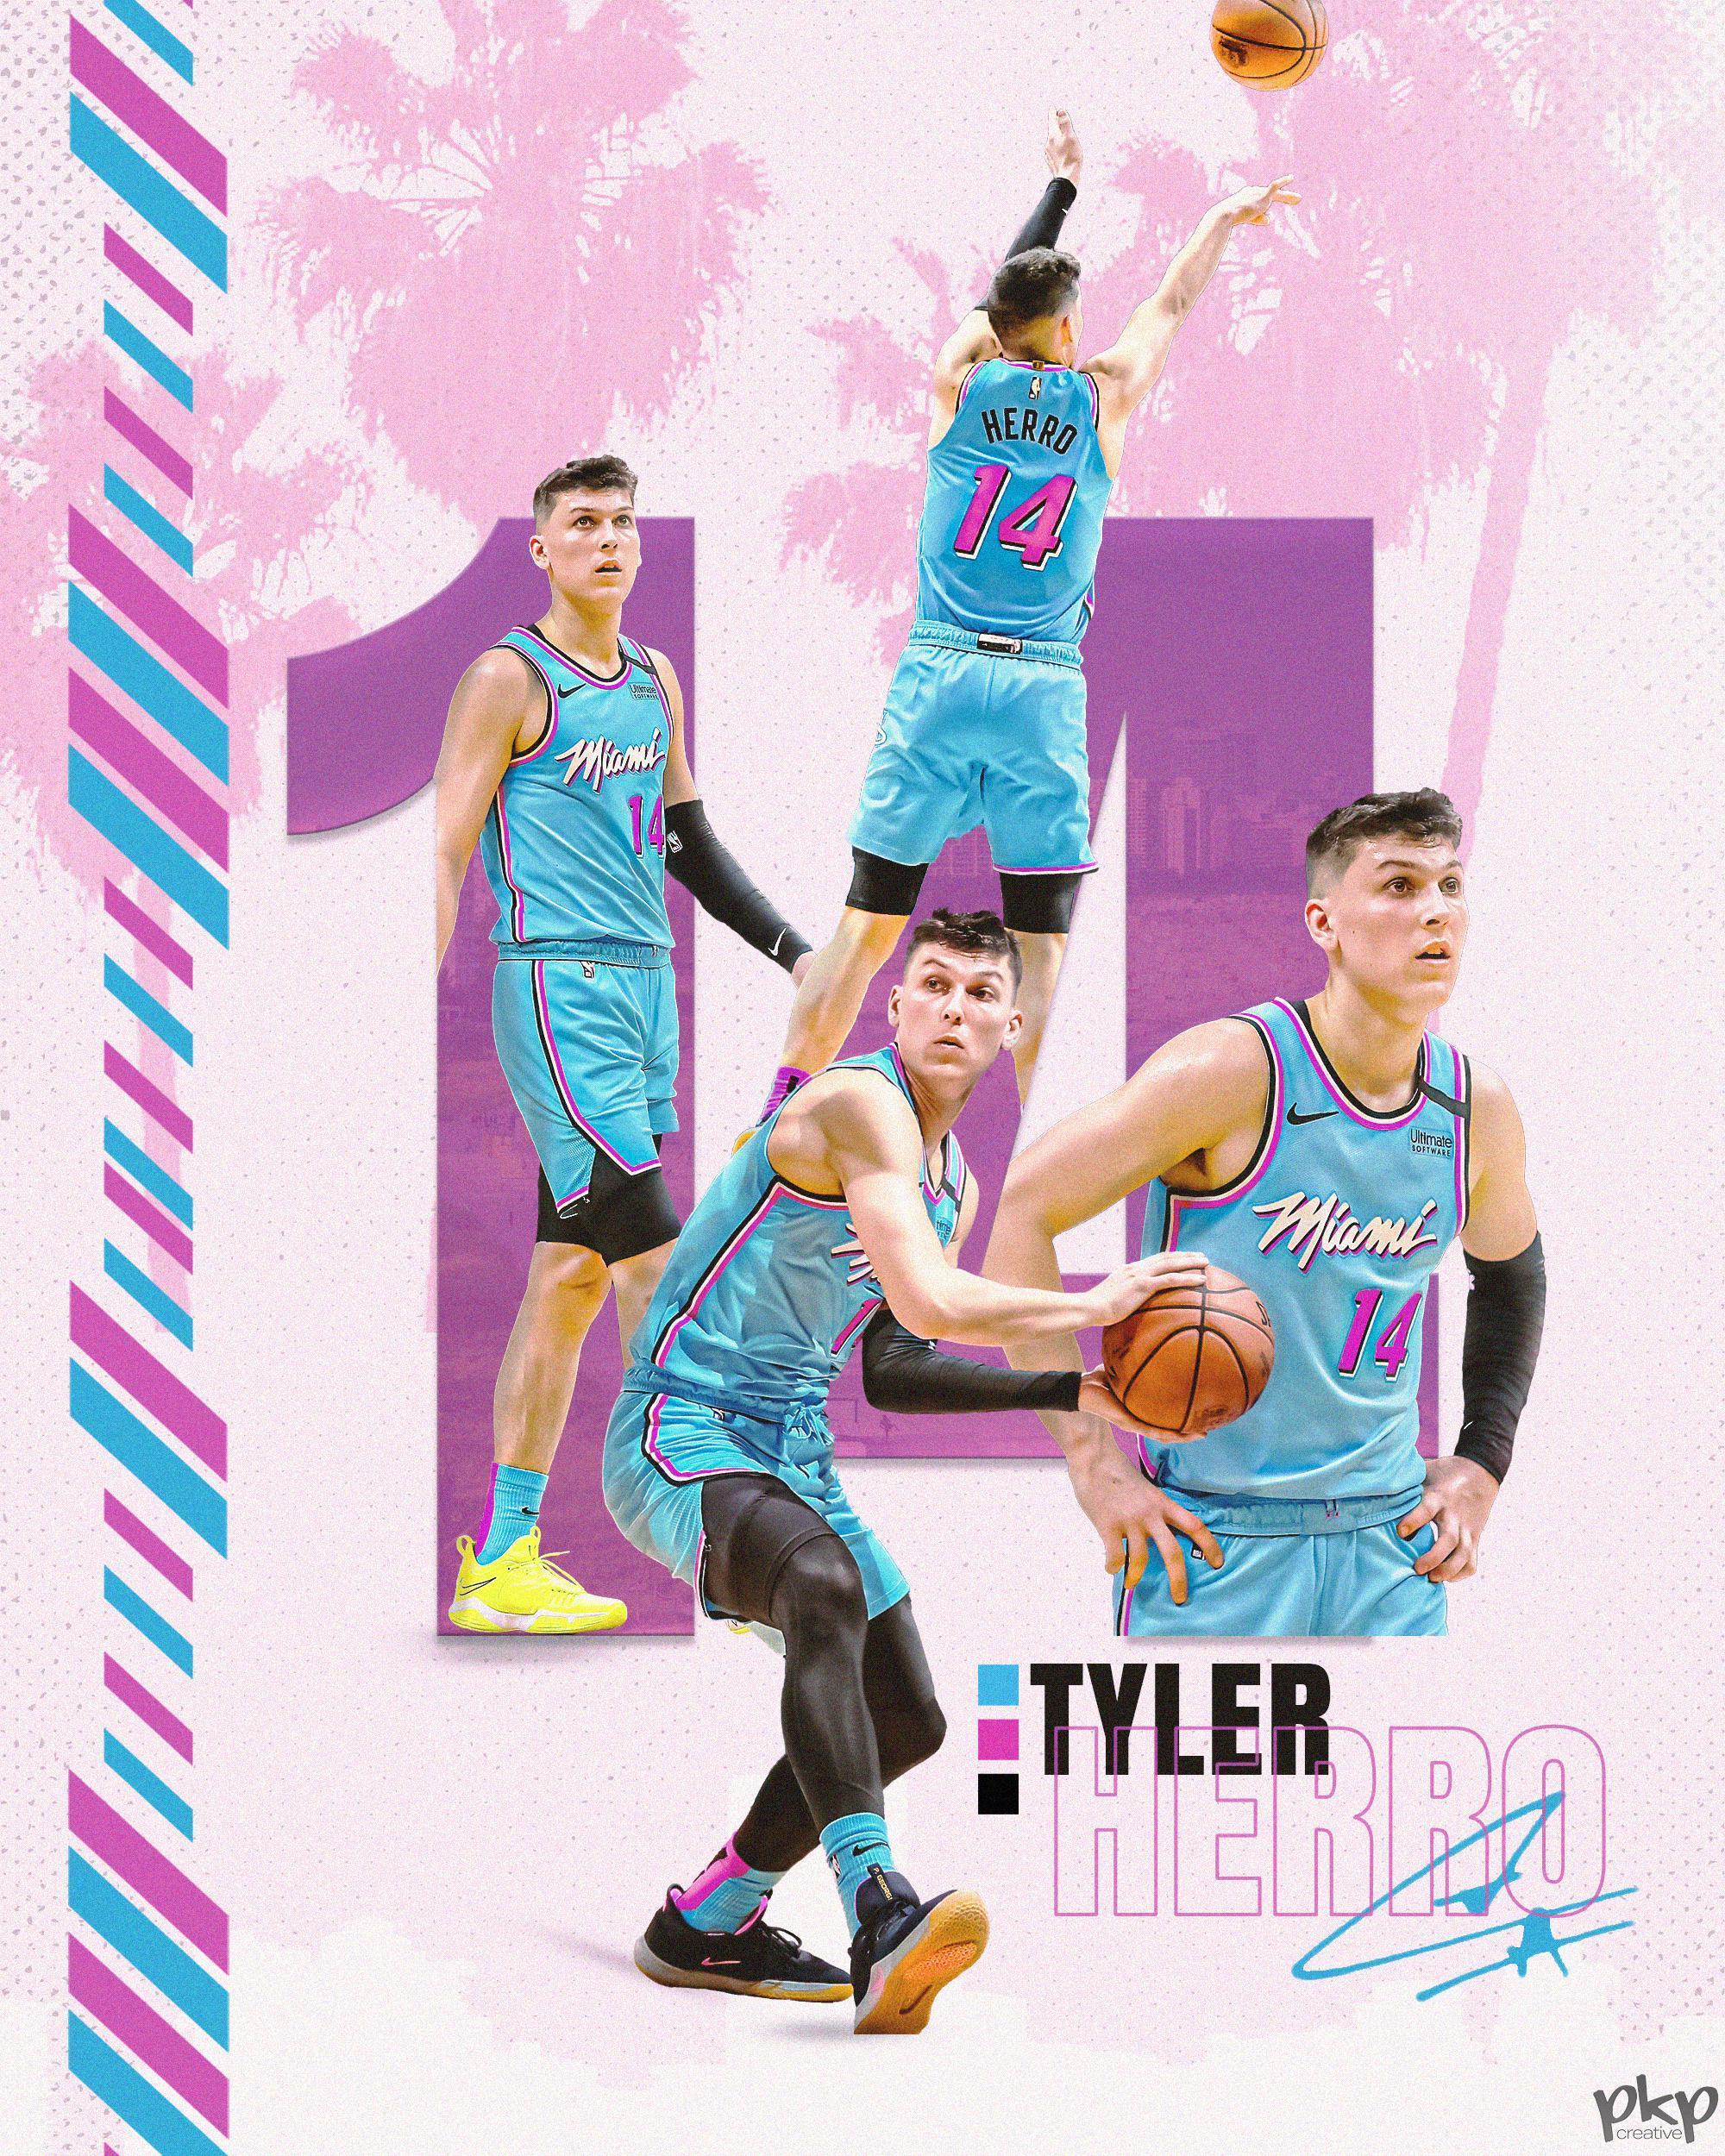 Tyler Herro Wallpapers Top Free Tyler Herro Backgrounds Wallpaperaccess